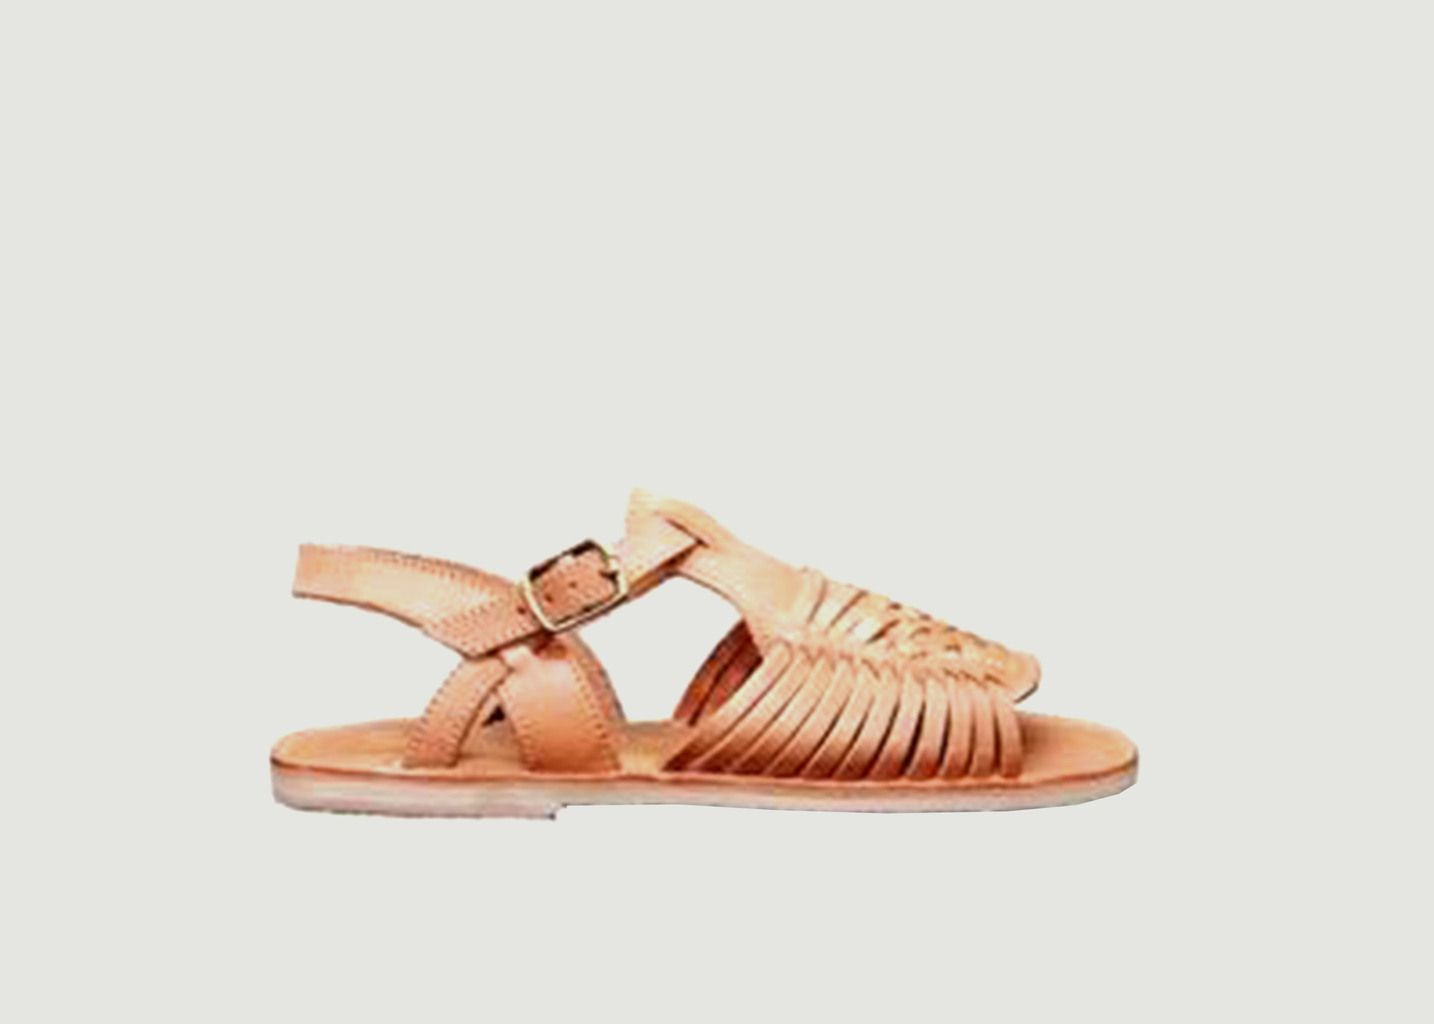 Sandale tressée Palo Alto - Mapache